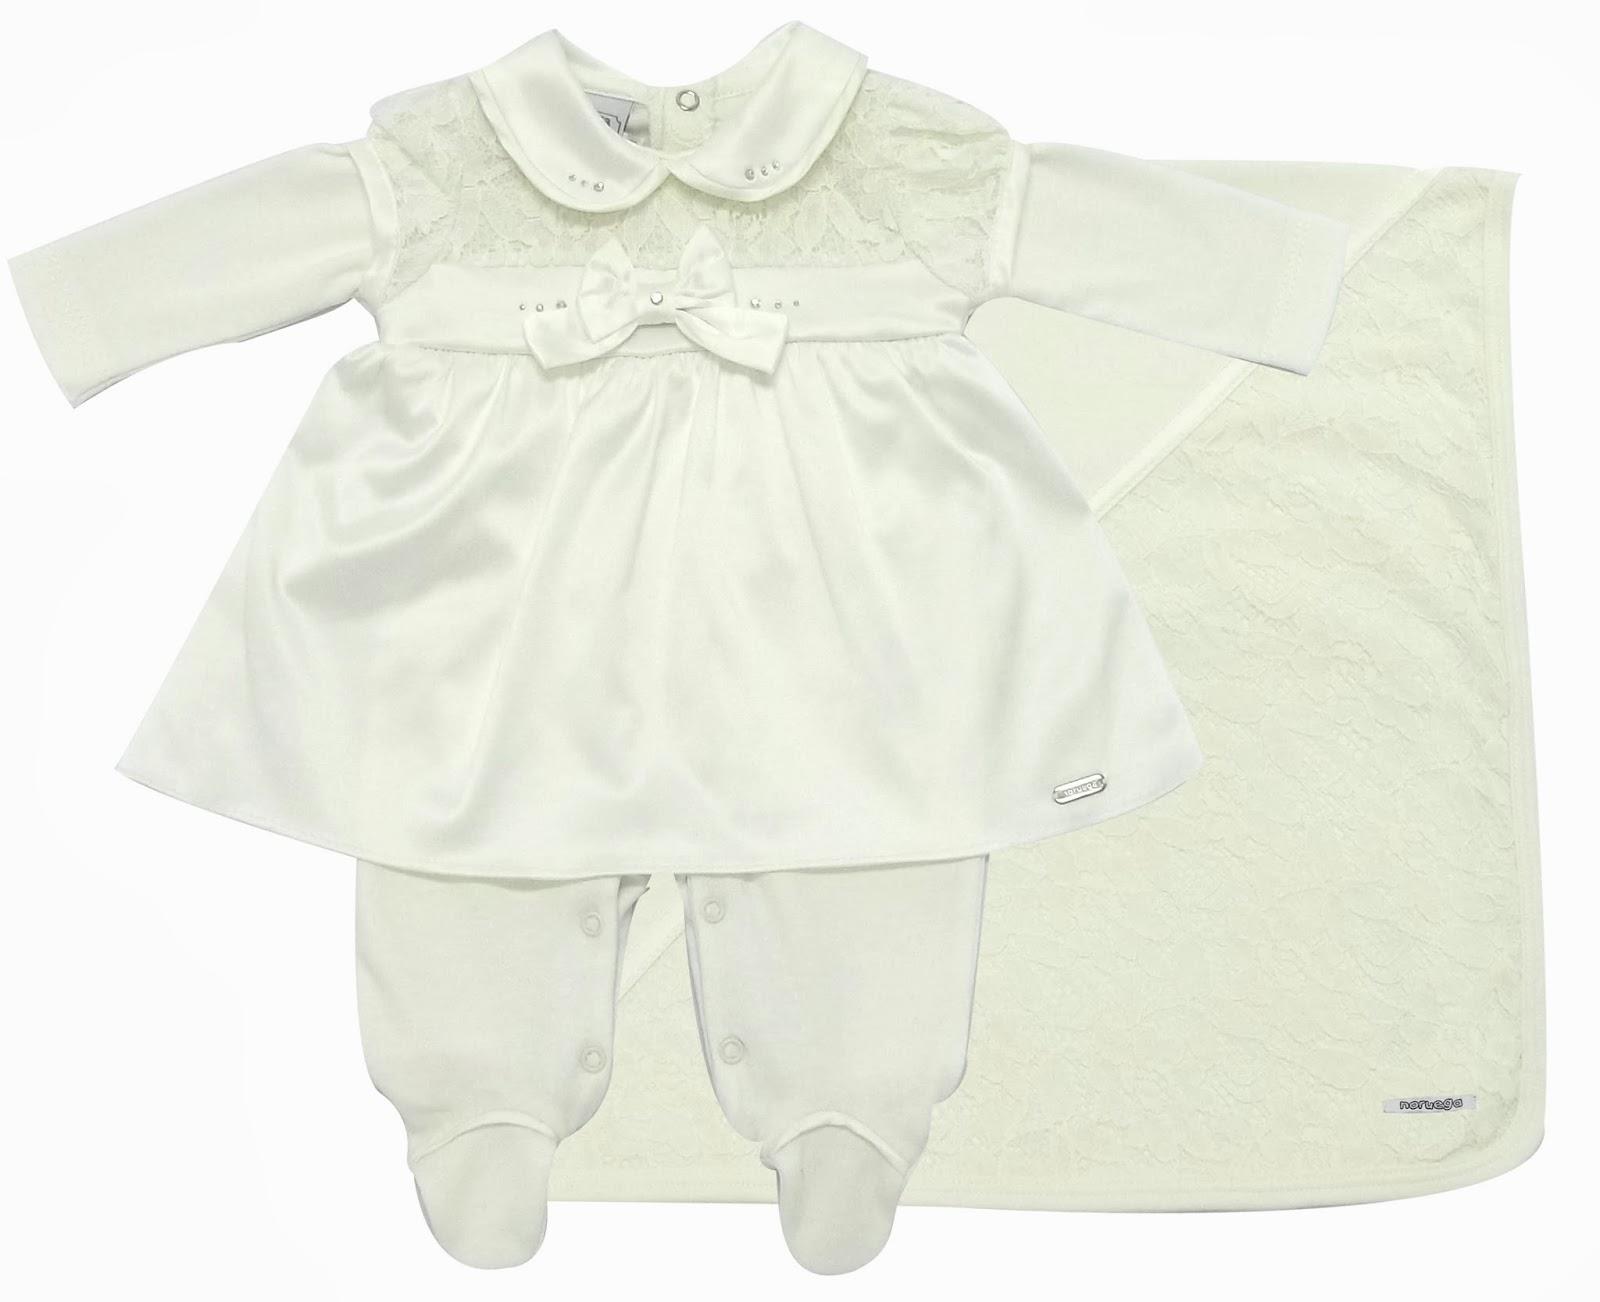 Roupas de bebê da marca Noruega, linda saída de maternidade com strass e renda